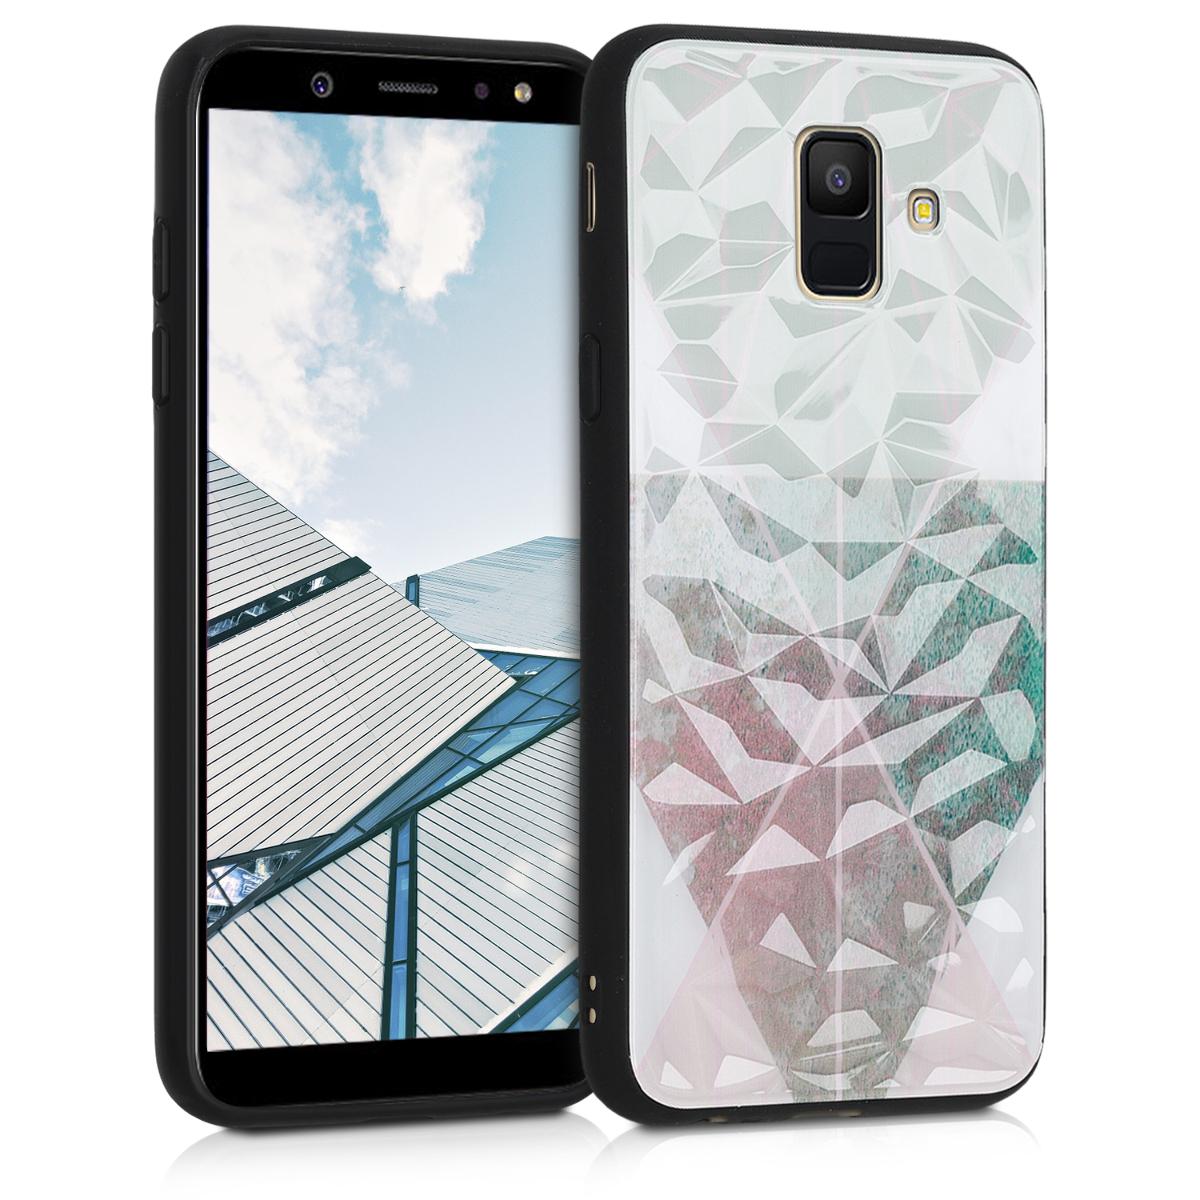 Kvalitní plastové pouzdro pro Samsung A6 (2018) - 3D Triangle Mozaika Beige / starorůžové rosegold / bílé